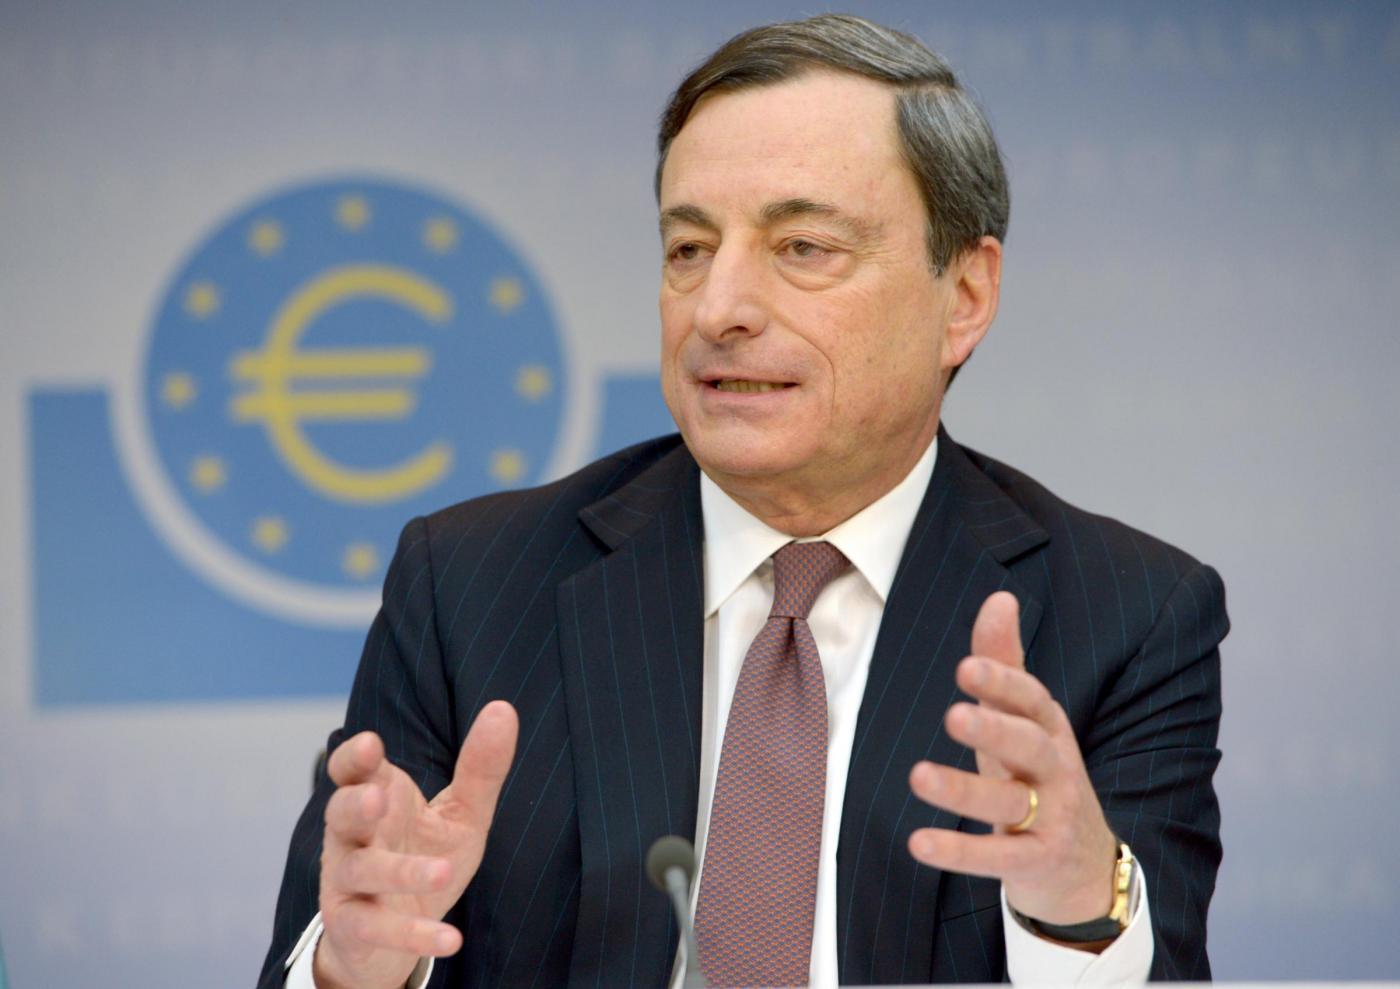 """Bce, Mario Draghi: """"Deflazione? No: semmai bassa inflazione, ma risalirà"""""""